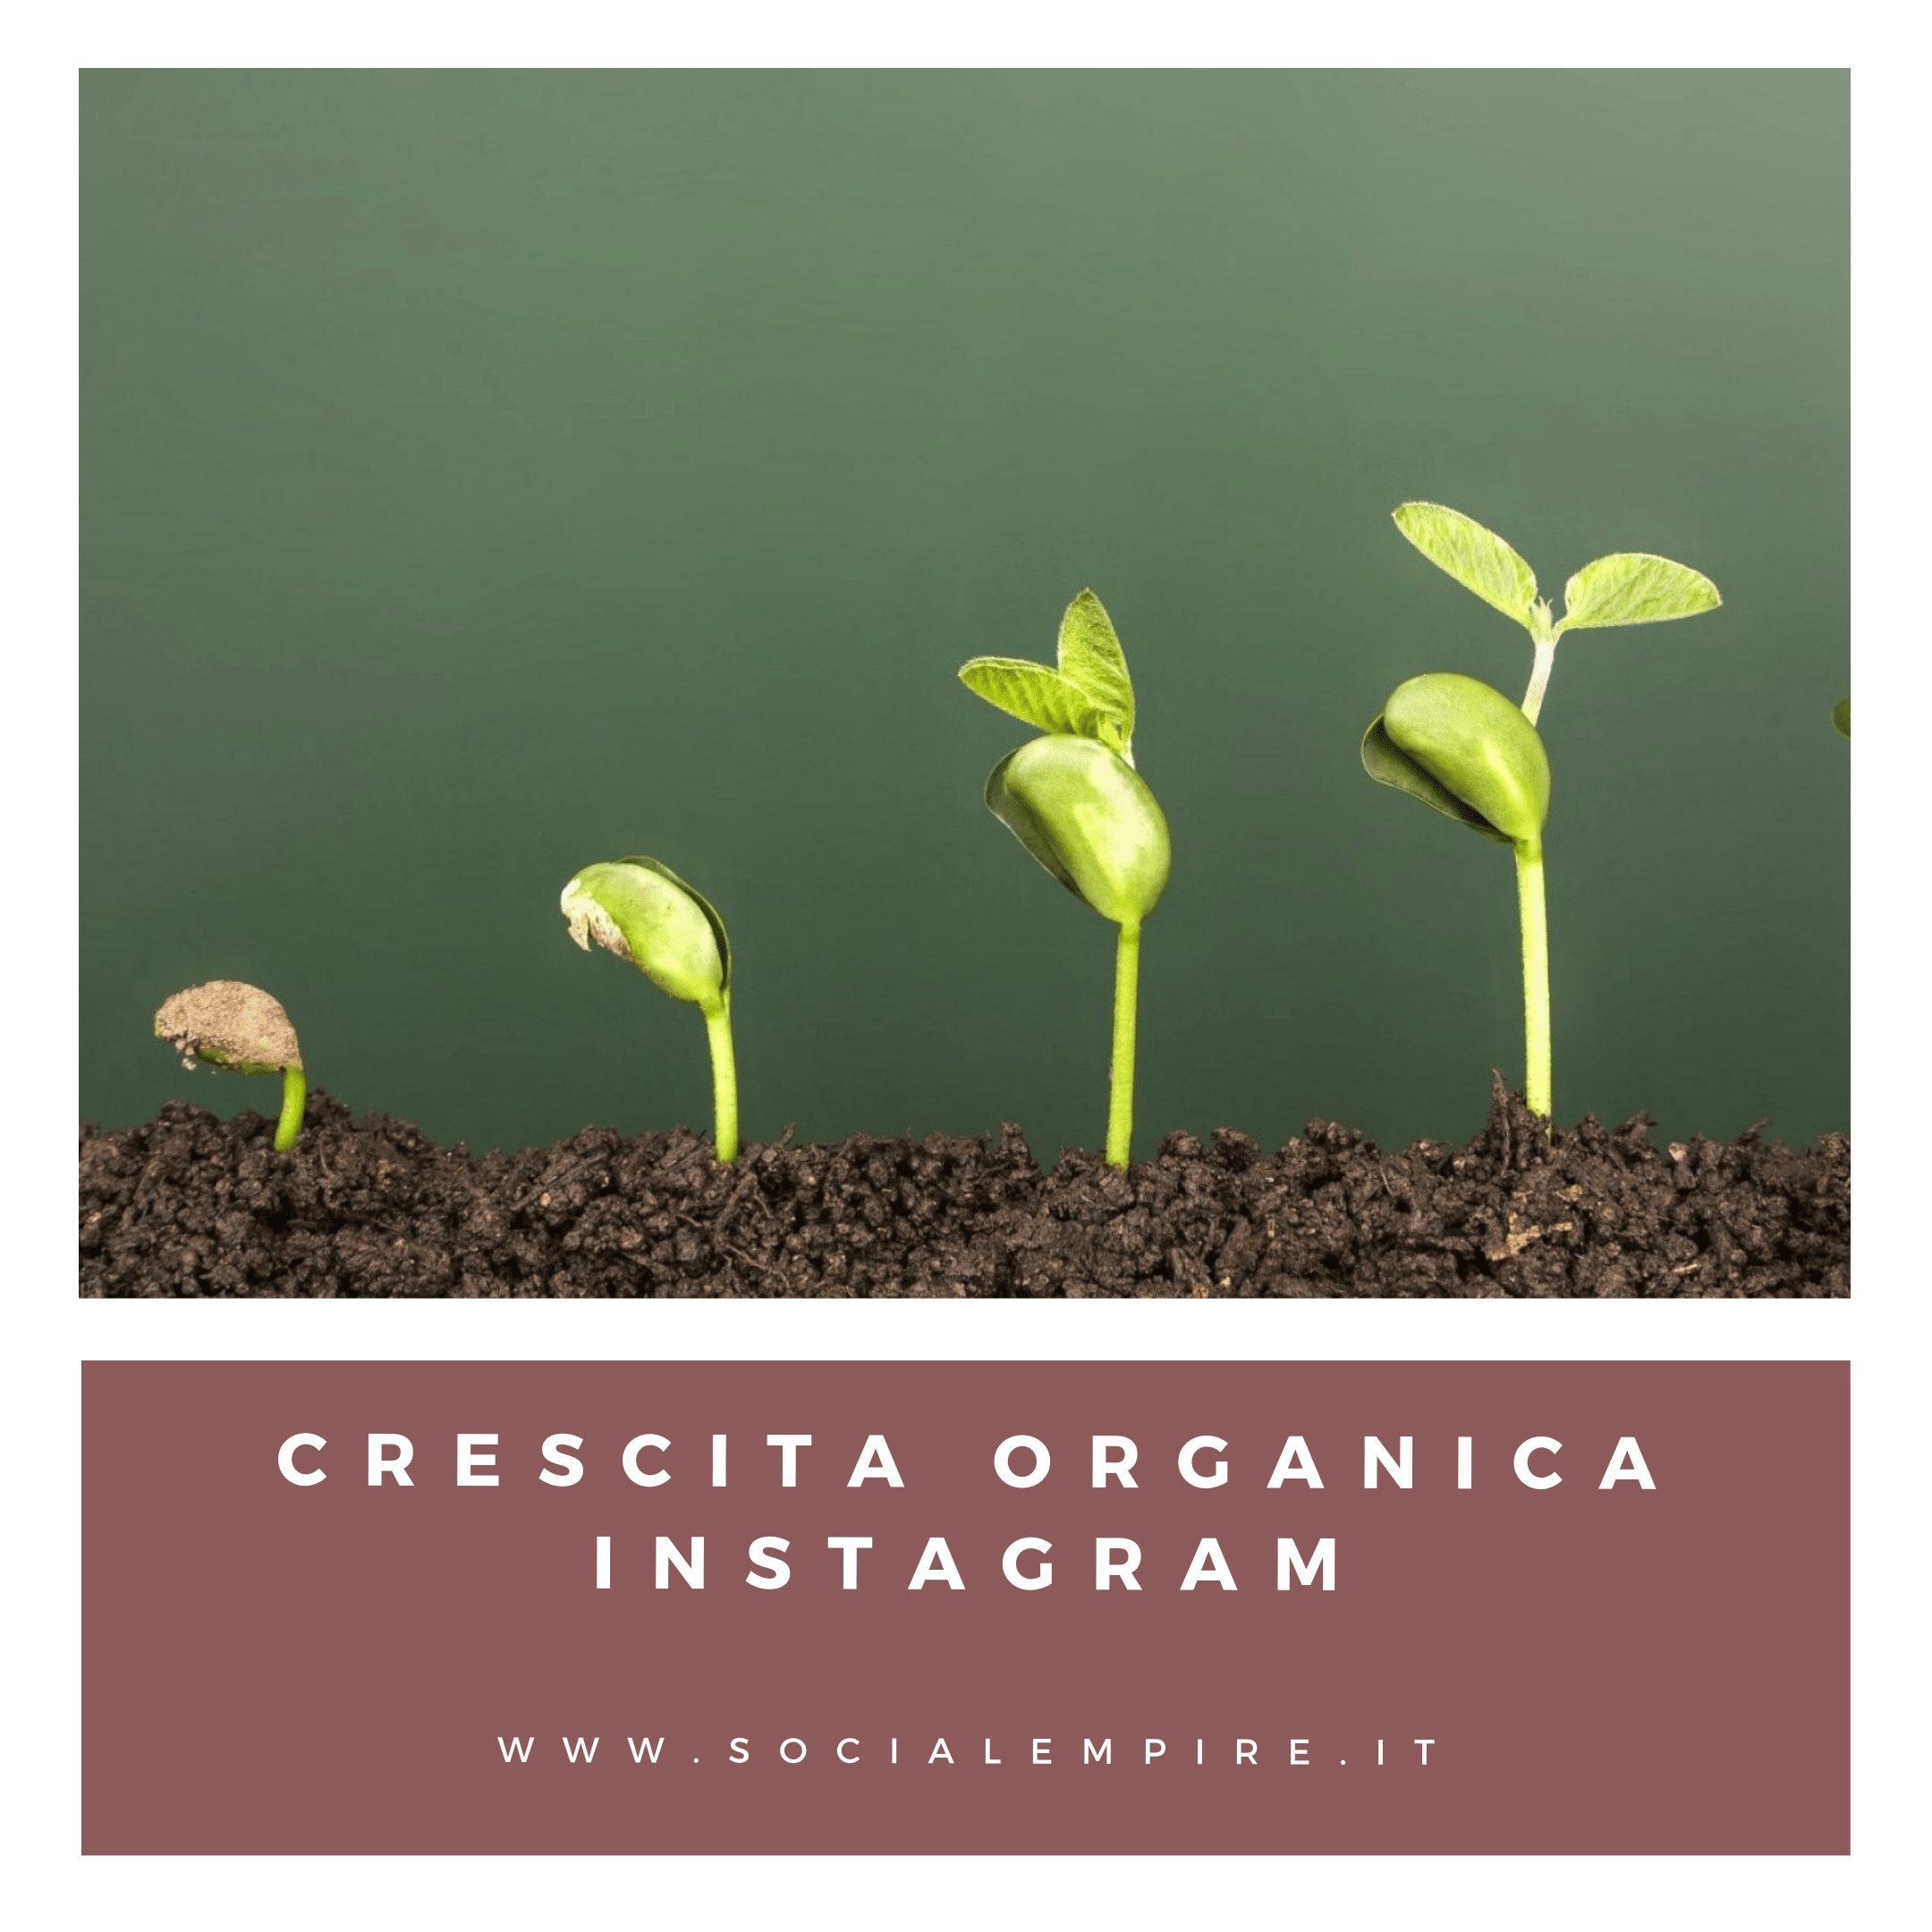 Crescita Organica Instagram